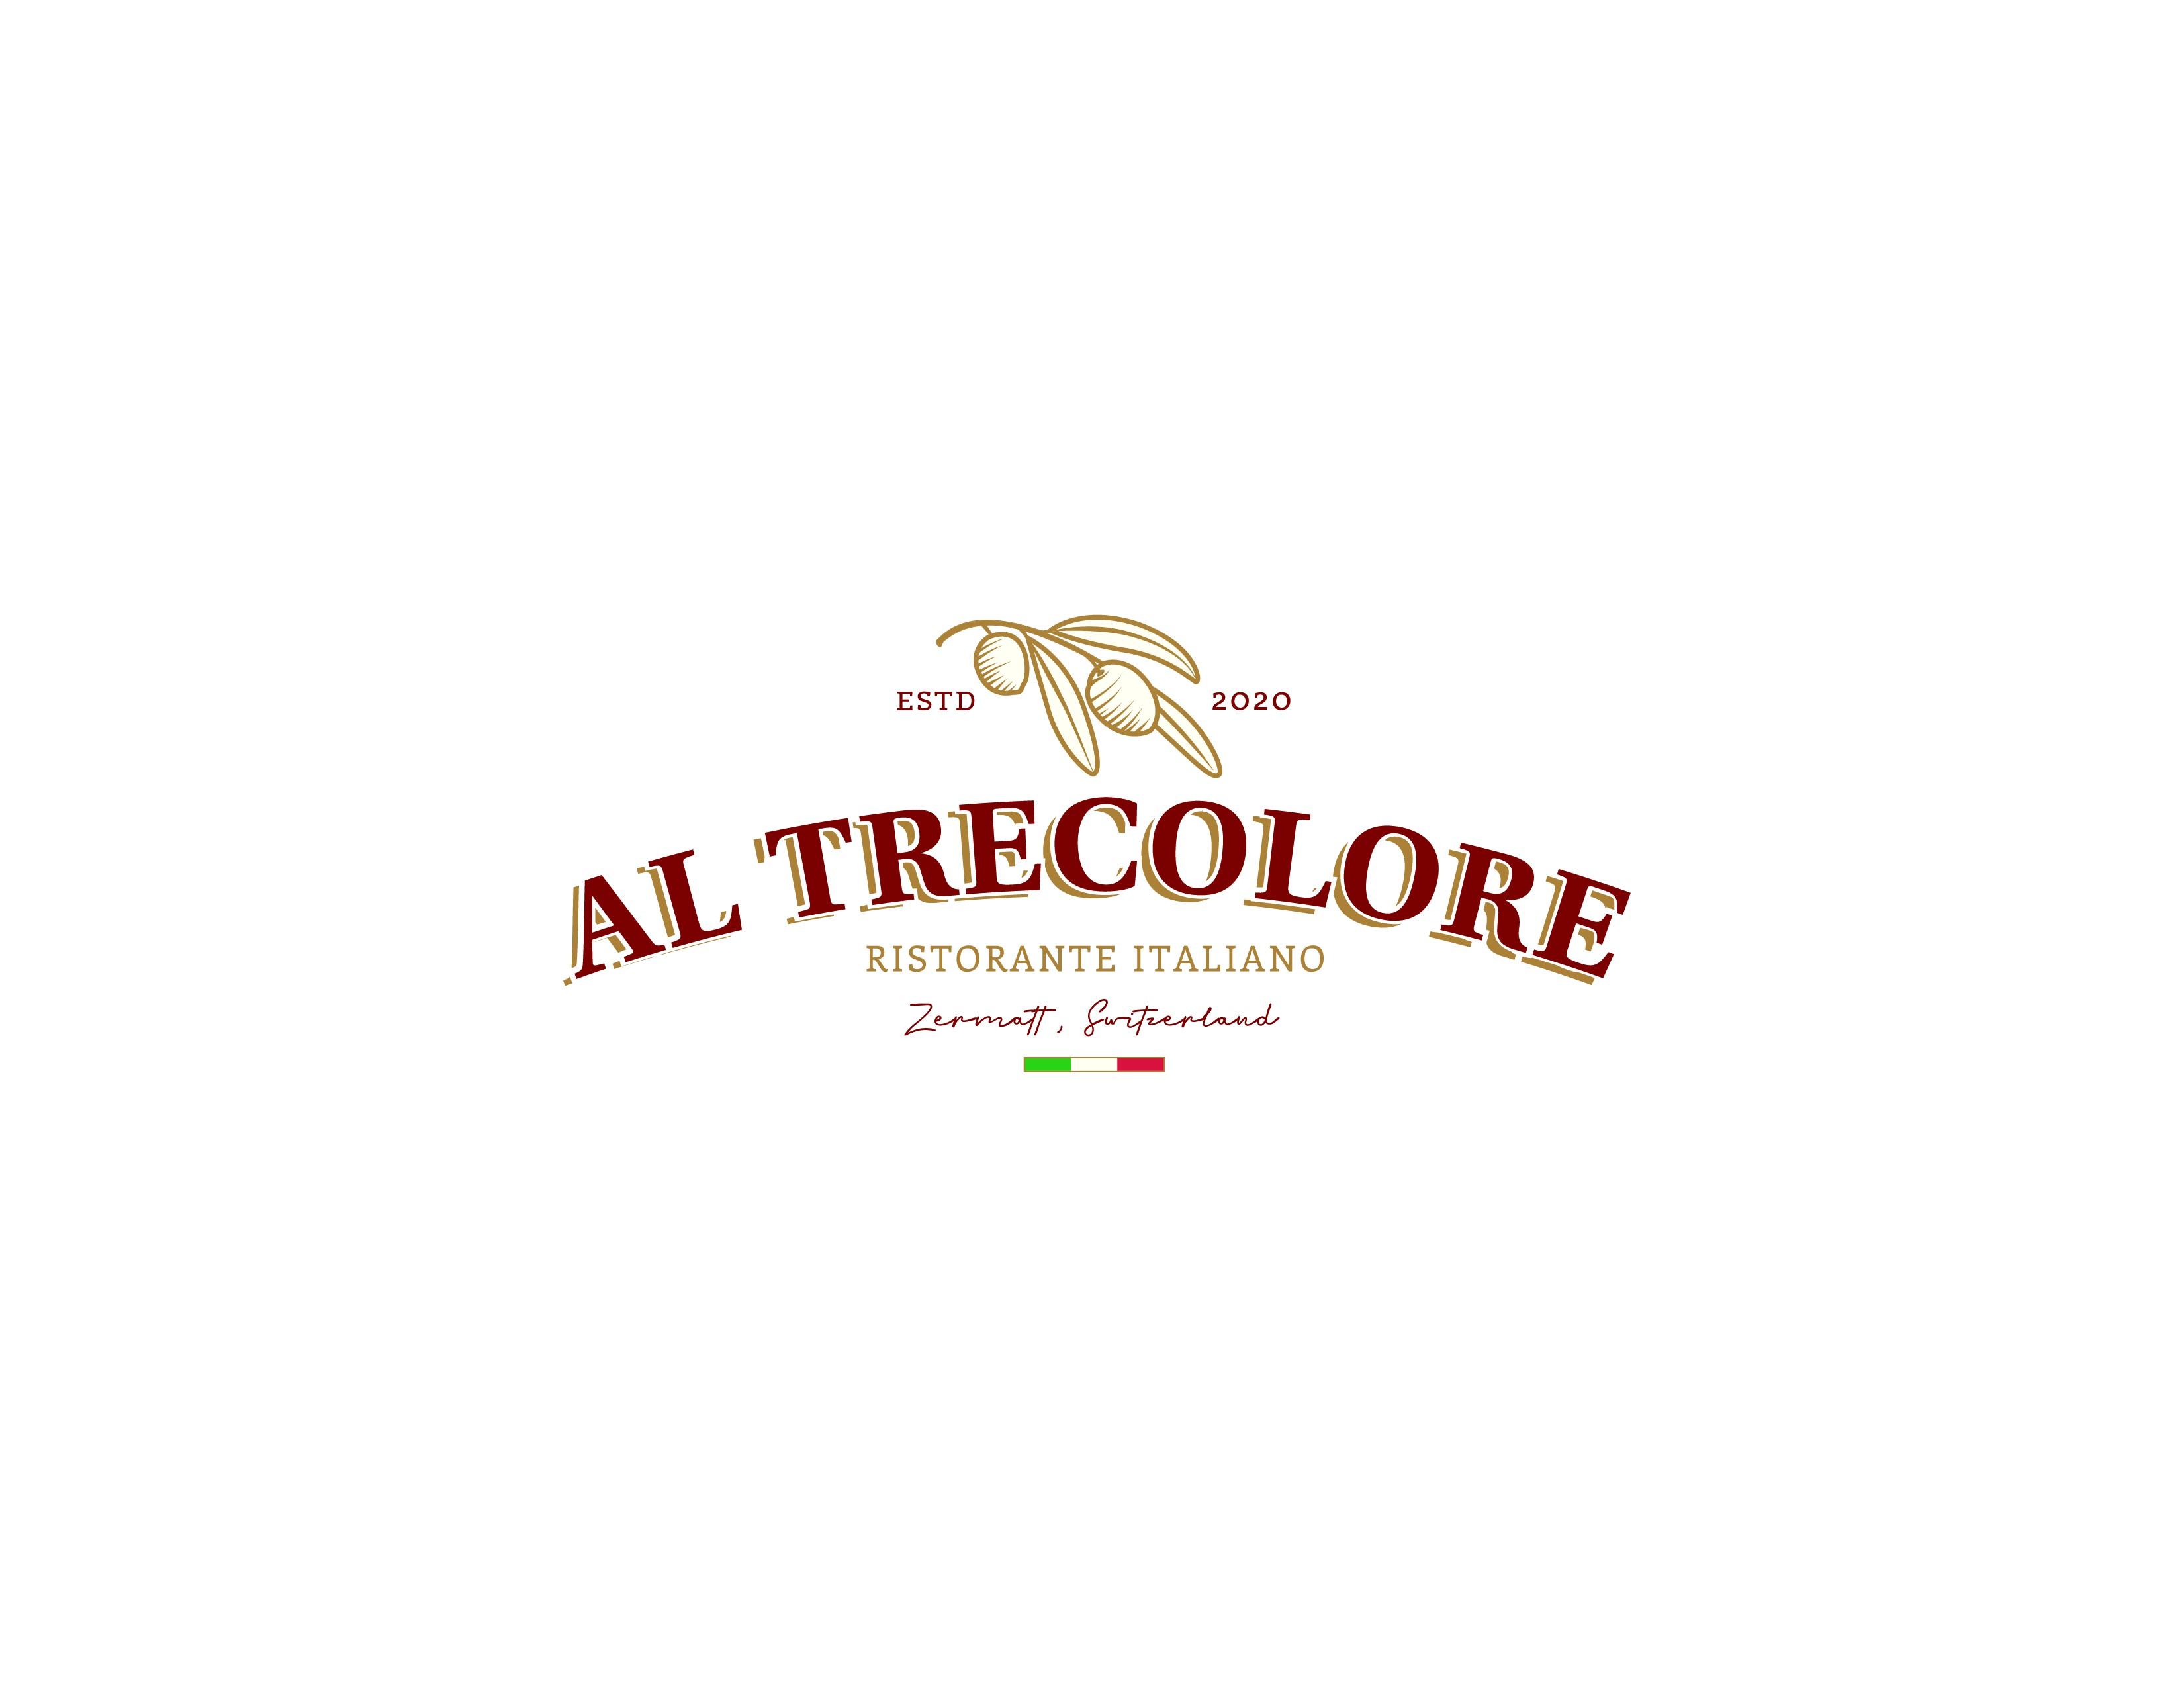 Ristorante Al Trecolore